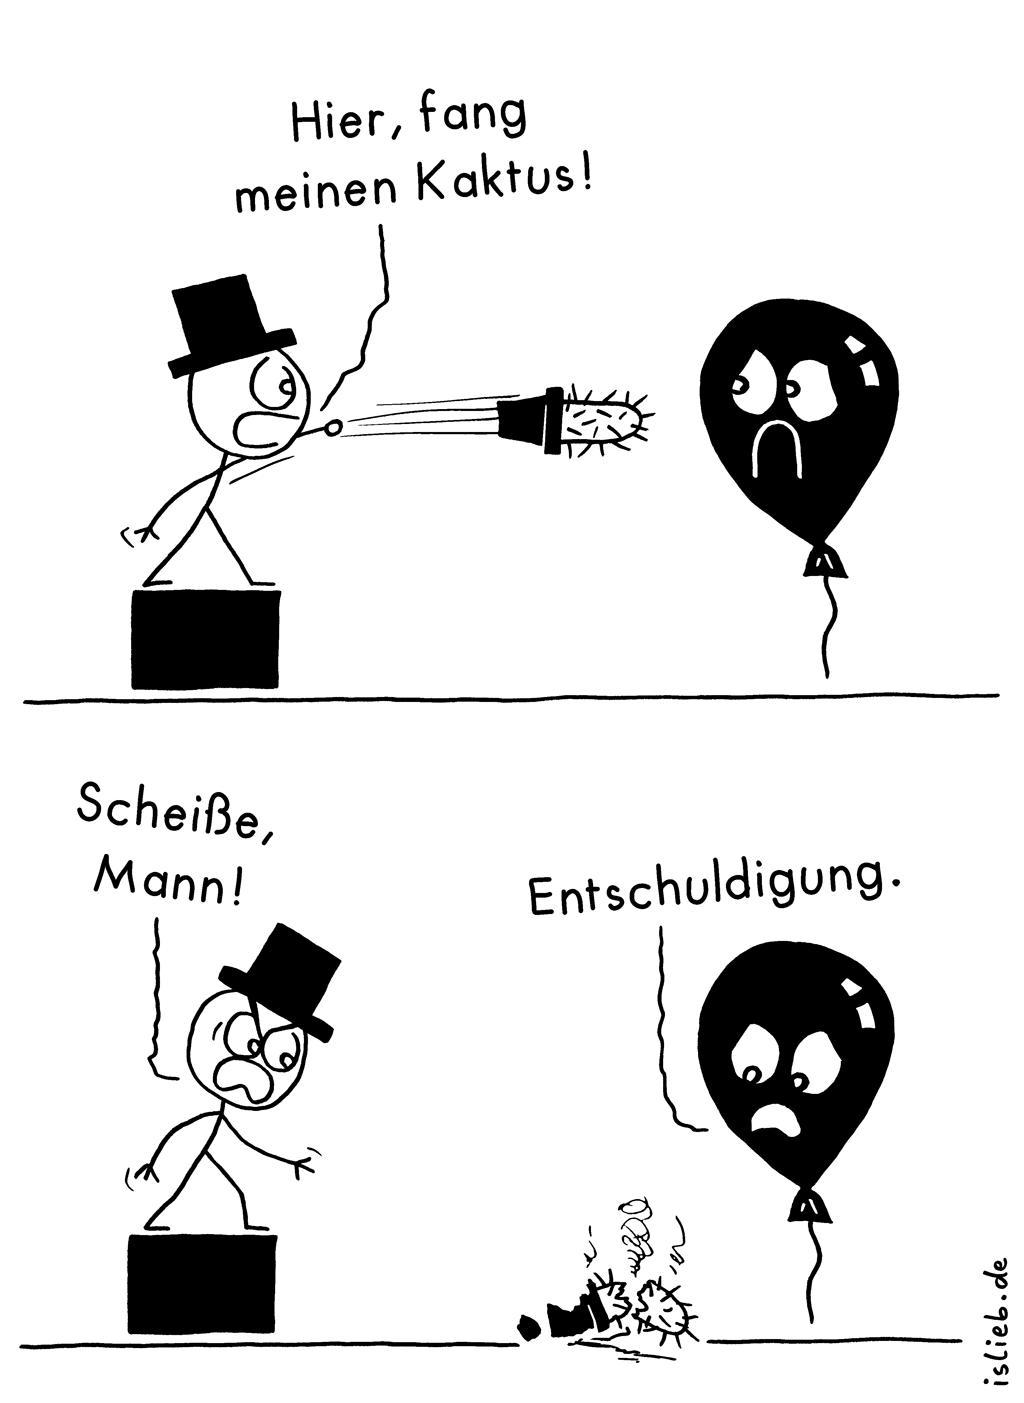 Malheur | Kaktus-Comic | is lieb? | Hier, fang meinen Kaktus! Scheiße, Mann! Entschuldigung. | Luftballon, Kakteen, fangen, Missgeschick, Entschuldige